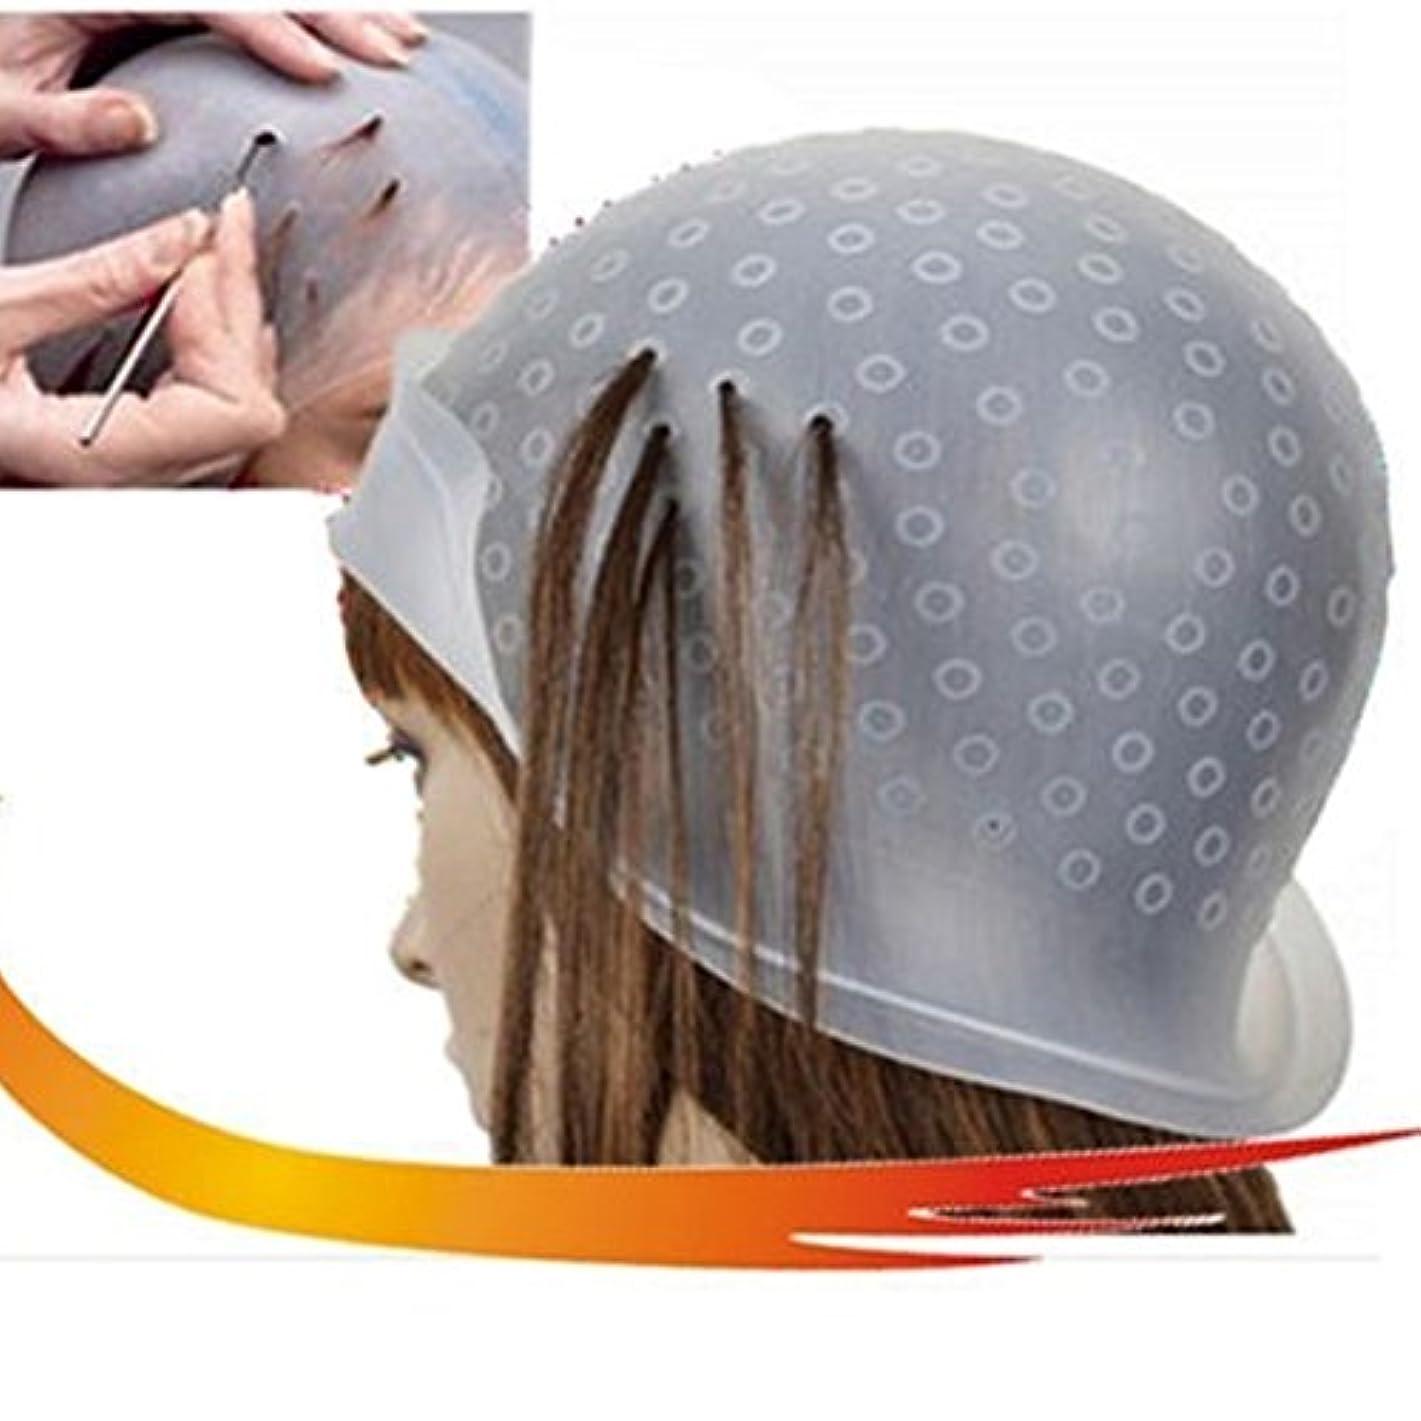 わがまま習熟度たっぷり染料フロスティングキャップ、再利用可能なシリコーンヘアカラーリングキャップ、髪を強調するキャップサロンヘアカラーリング染料キャップヘアスタイリングツール髪を染めるための針(トランスペアレント)